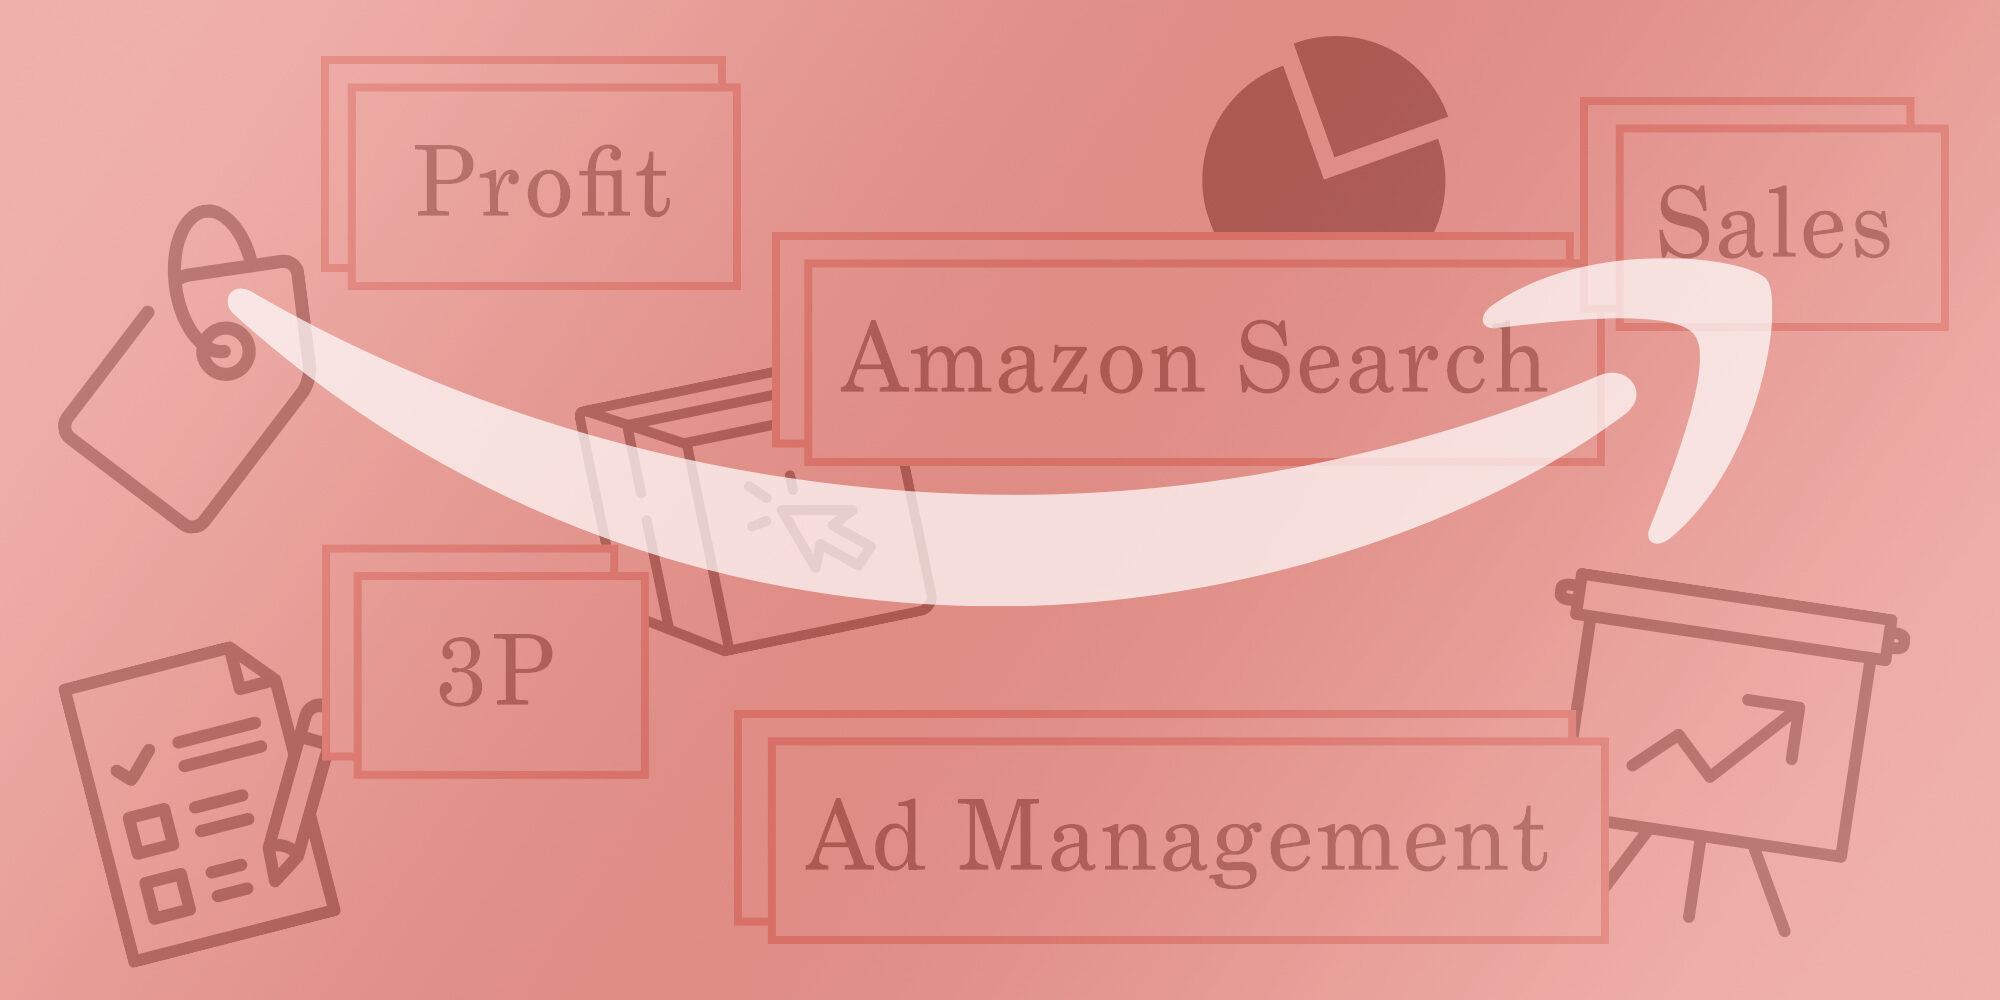 Beauty On Amazon Part 4A: Why Many Beauty Brands Avoid Amazon